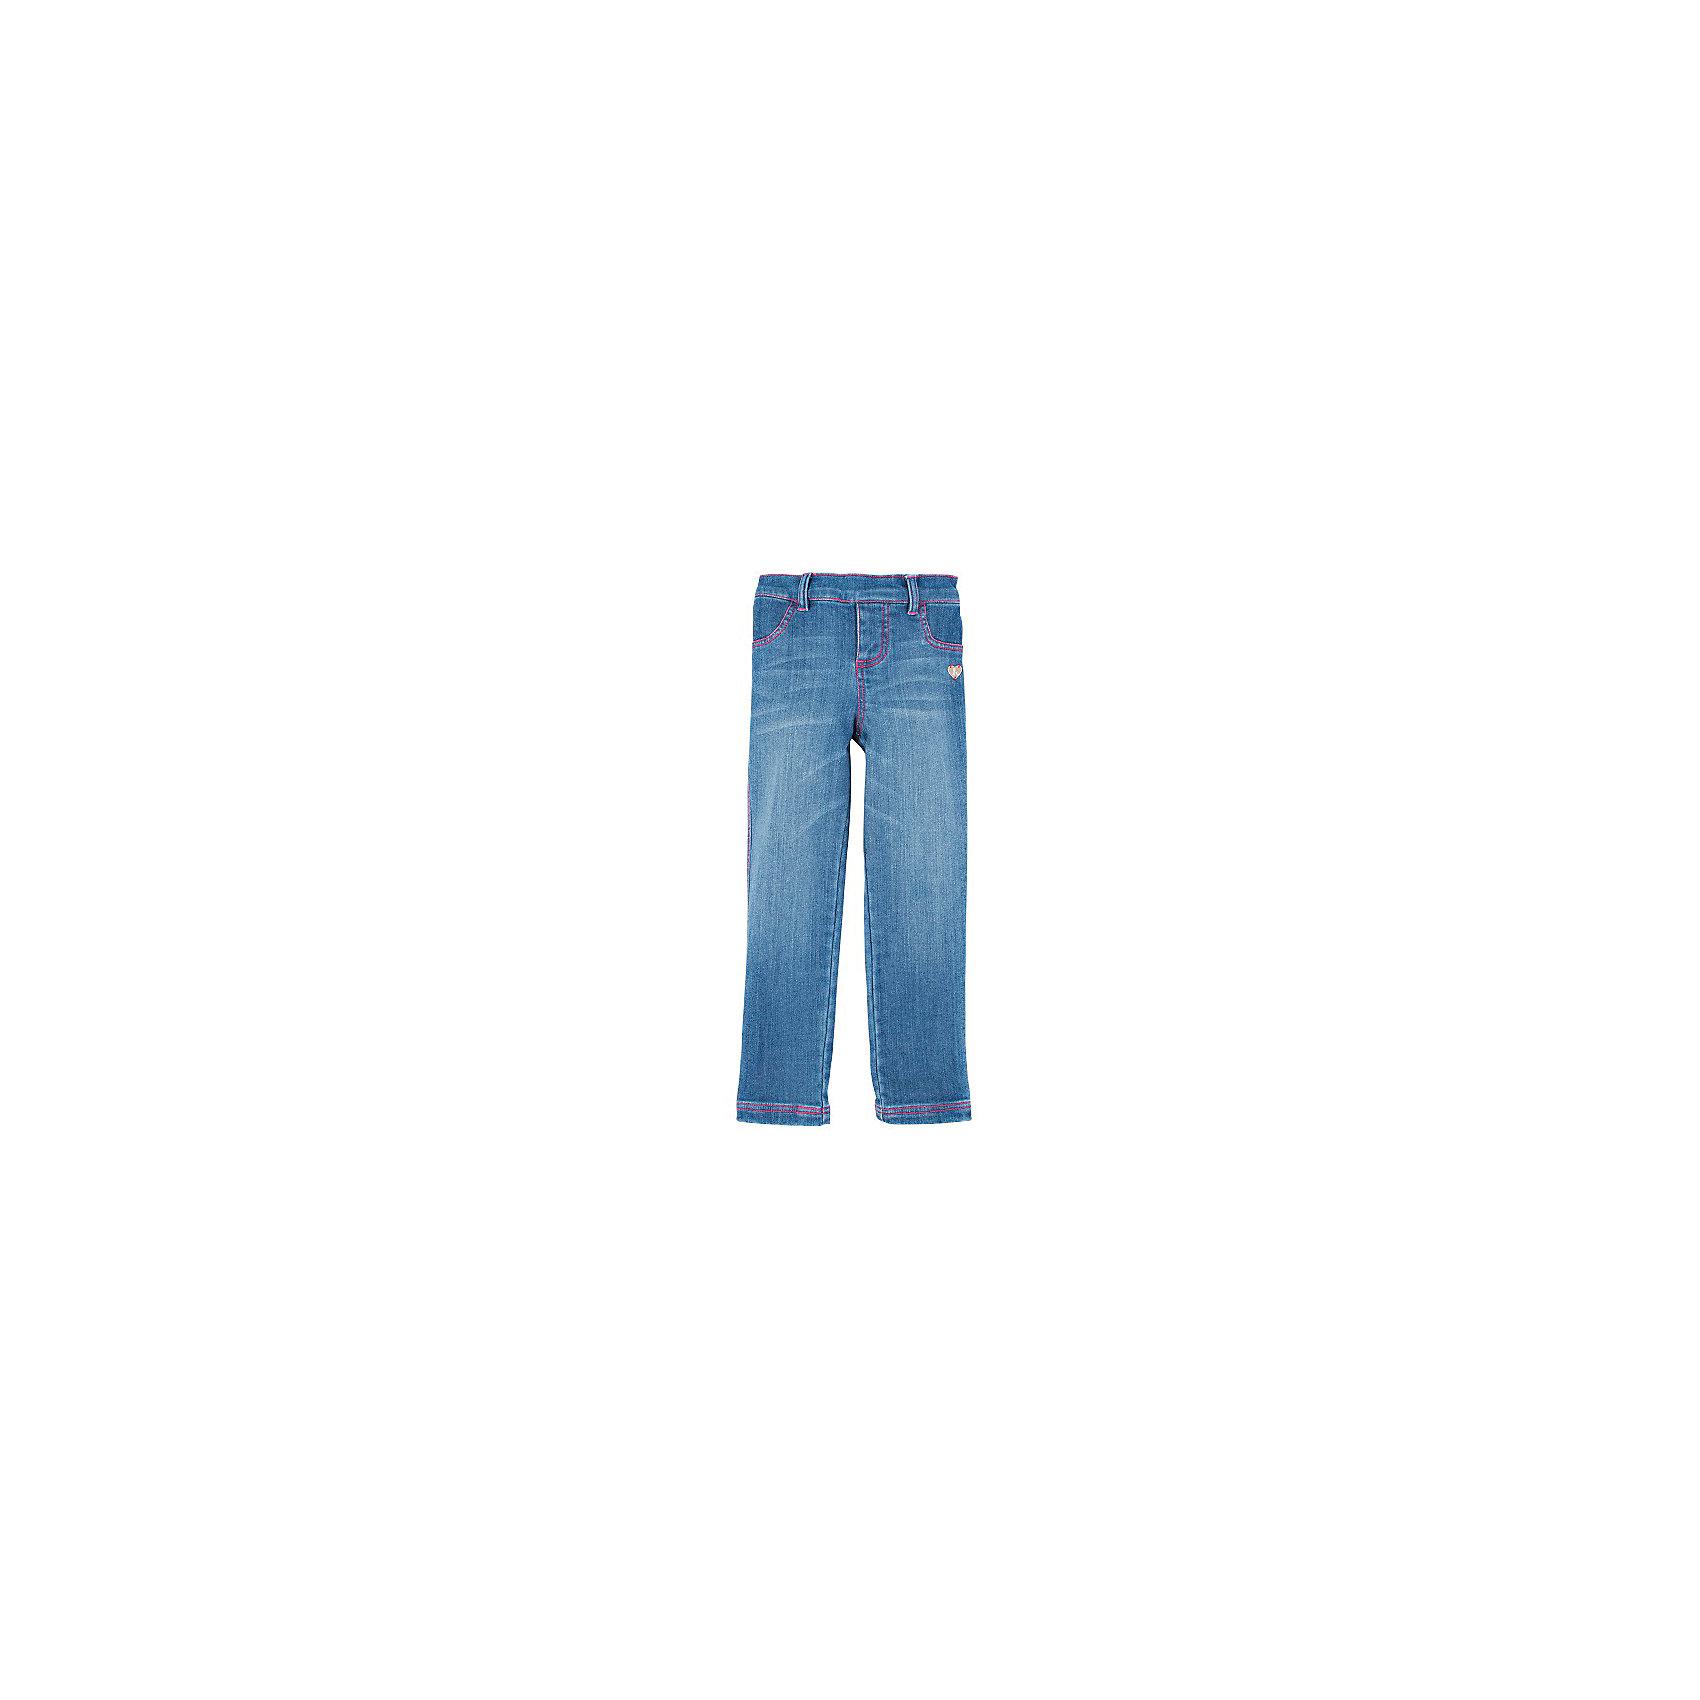 Джинсы для девочки HatleyДжинсовая одежда<br>Джинсы для девочки Hatley<br><br>Характеристики:<br><br>• Состав: 70% хлопок, 28% полиэстер, 2% спандекс<br>• Цвет: синий<br><br>Качественные и стильные джинсы для девочки. Джинсы без застежек, на мягкой резинке сверху и есть возможность вставить дополнительно ремень. На брюках стилизация под карманы и молнию, поэтому выглядят такие лосины как настоящие джинсы. Кроме этого есть маленький рисунок сердечко под кармашком. Внизу простроченные свободные штанины.<br><br>Джинсы для девочки Hatley можно купить в нашем интернет-магазине.<br><br>Ширина мм: 215<br>Глубина мм: 88<br>Высота мм: 191<br>Вес г: 336<br>Цвет: синий<br>Возраст от месяцев: 36<br>Возраст до месяцев: 48<br>Пол: Женский<br>Возраст: Детский<br>Размер: 104,92,122,128,110,116,98<br>SKU: 5020588